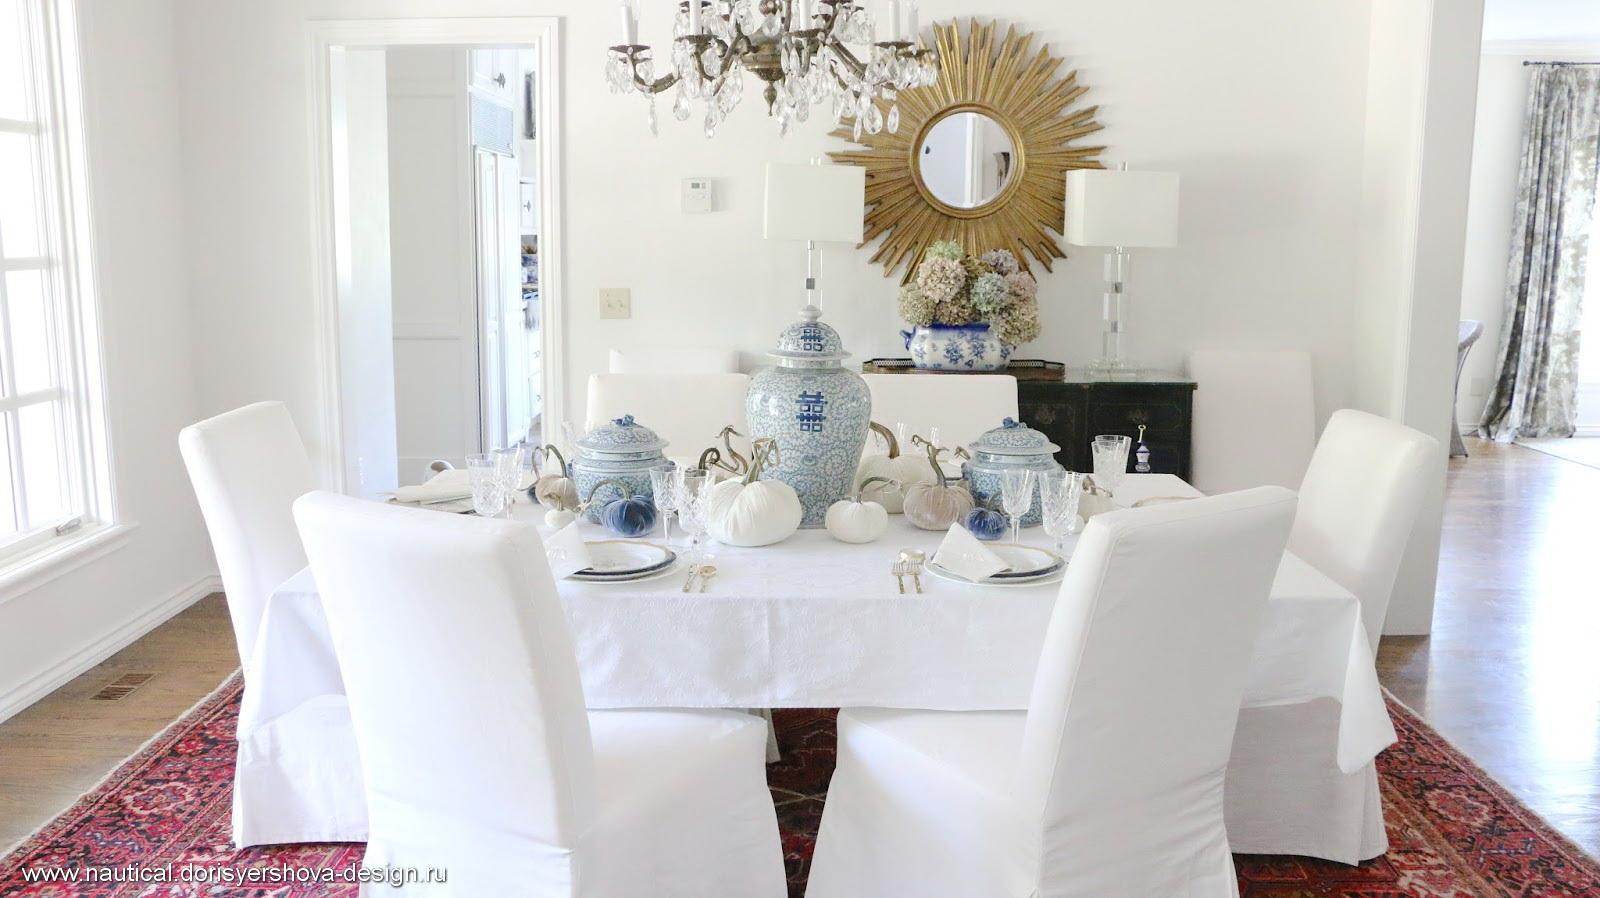 стол, китайский фарфор, вазы, бархатные тыквы